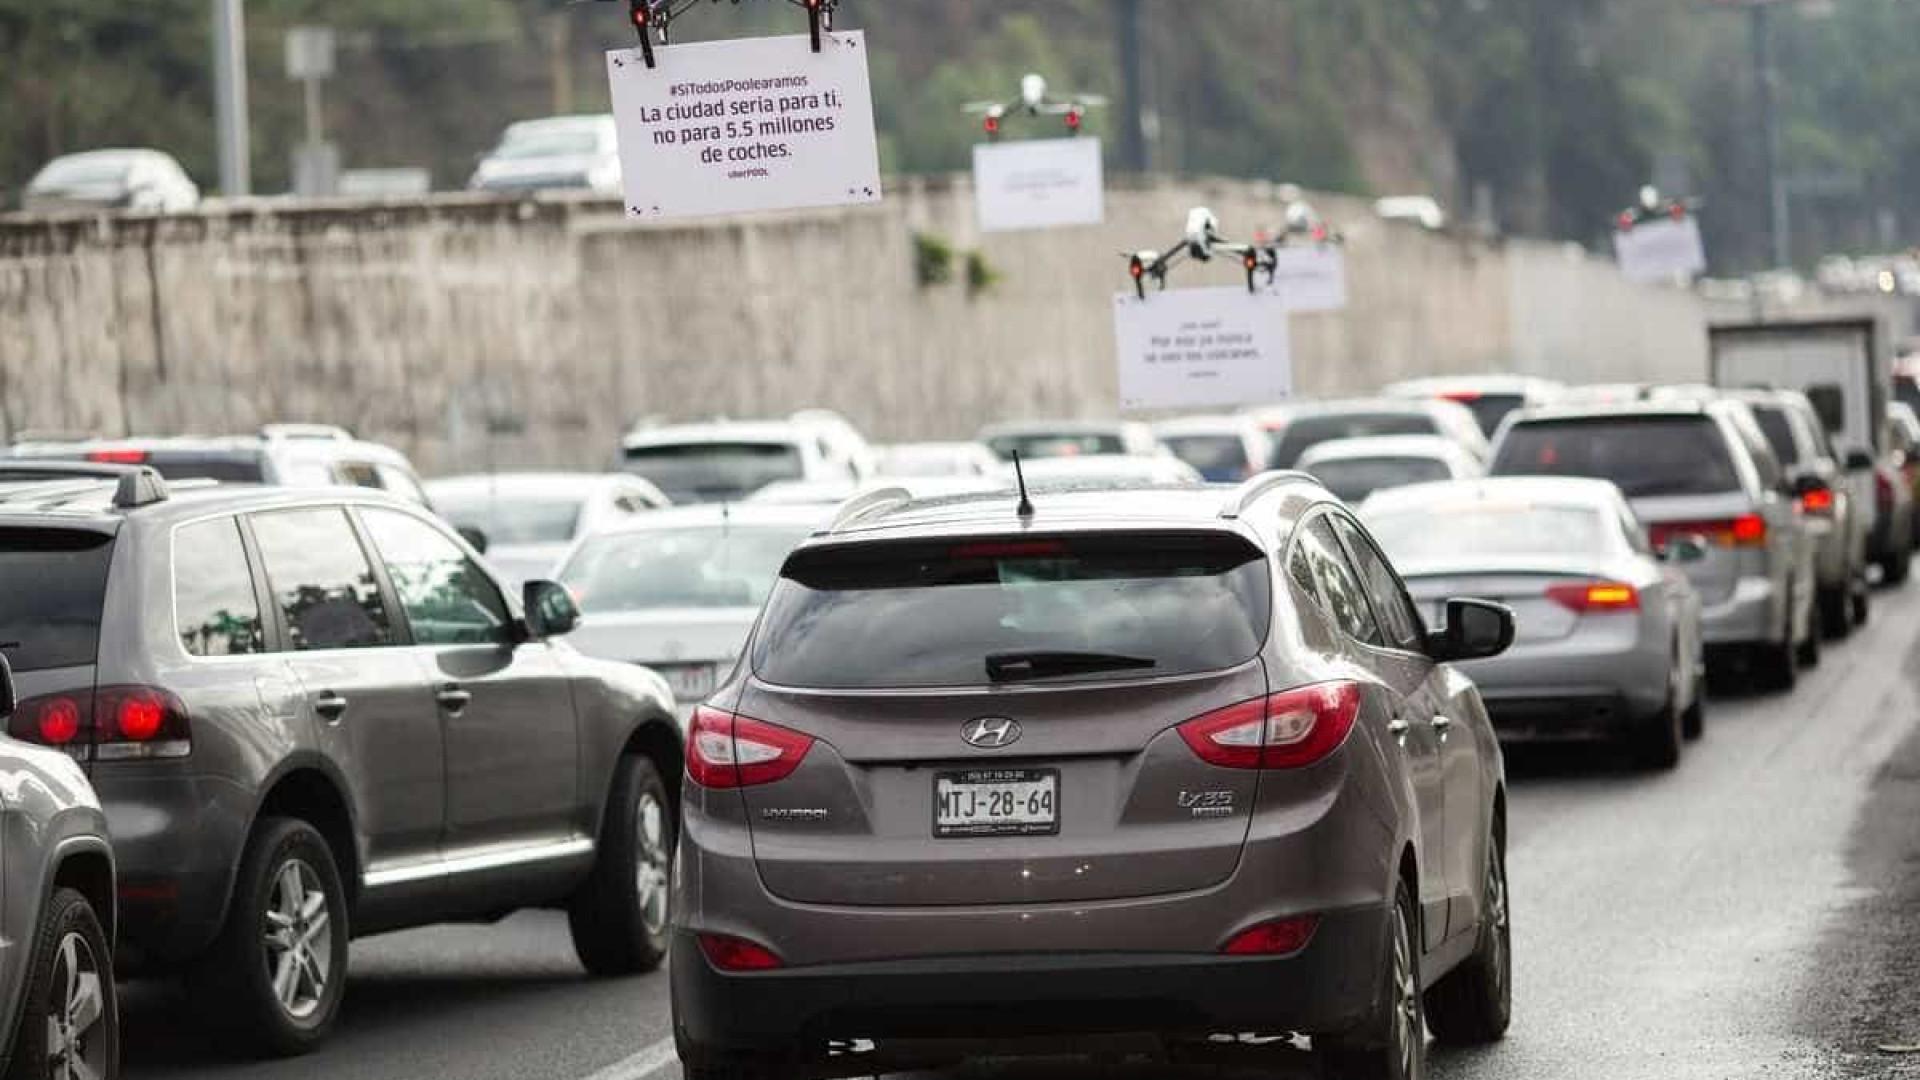 Uber aproveita trânsito para promover os seus serviços… com drones